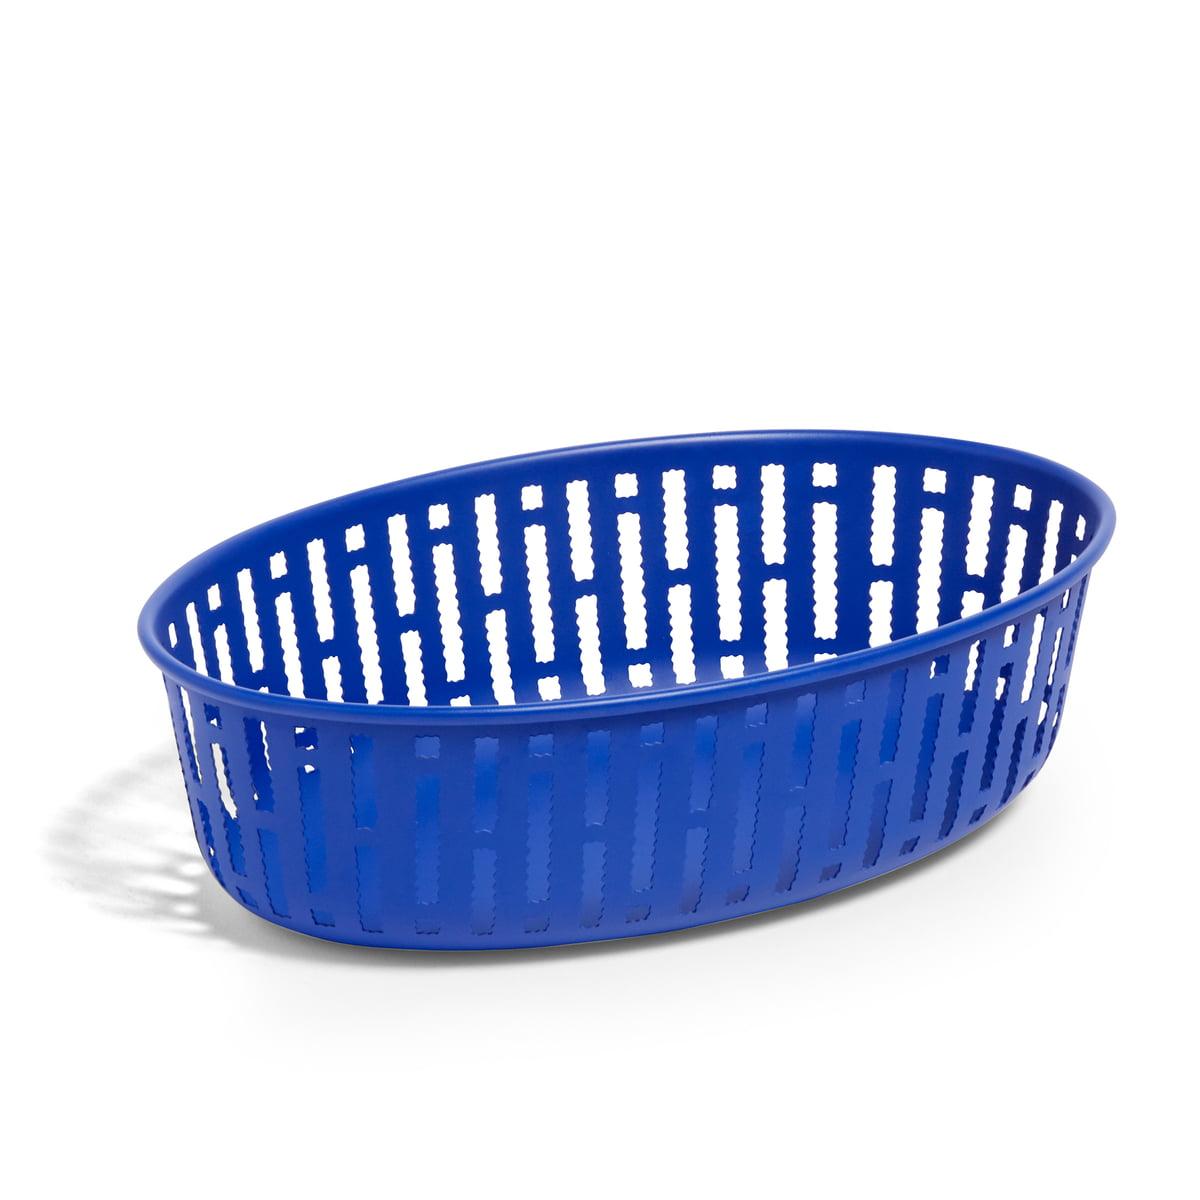 Hay - Panier Brotkorb Oval, bright blue | Küche und Esszimmer > Aufbewahrung | Blau | Stahl | Hay